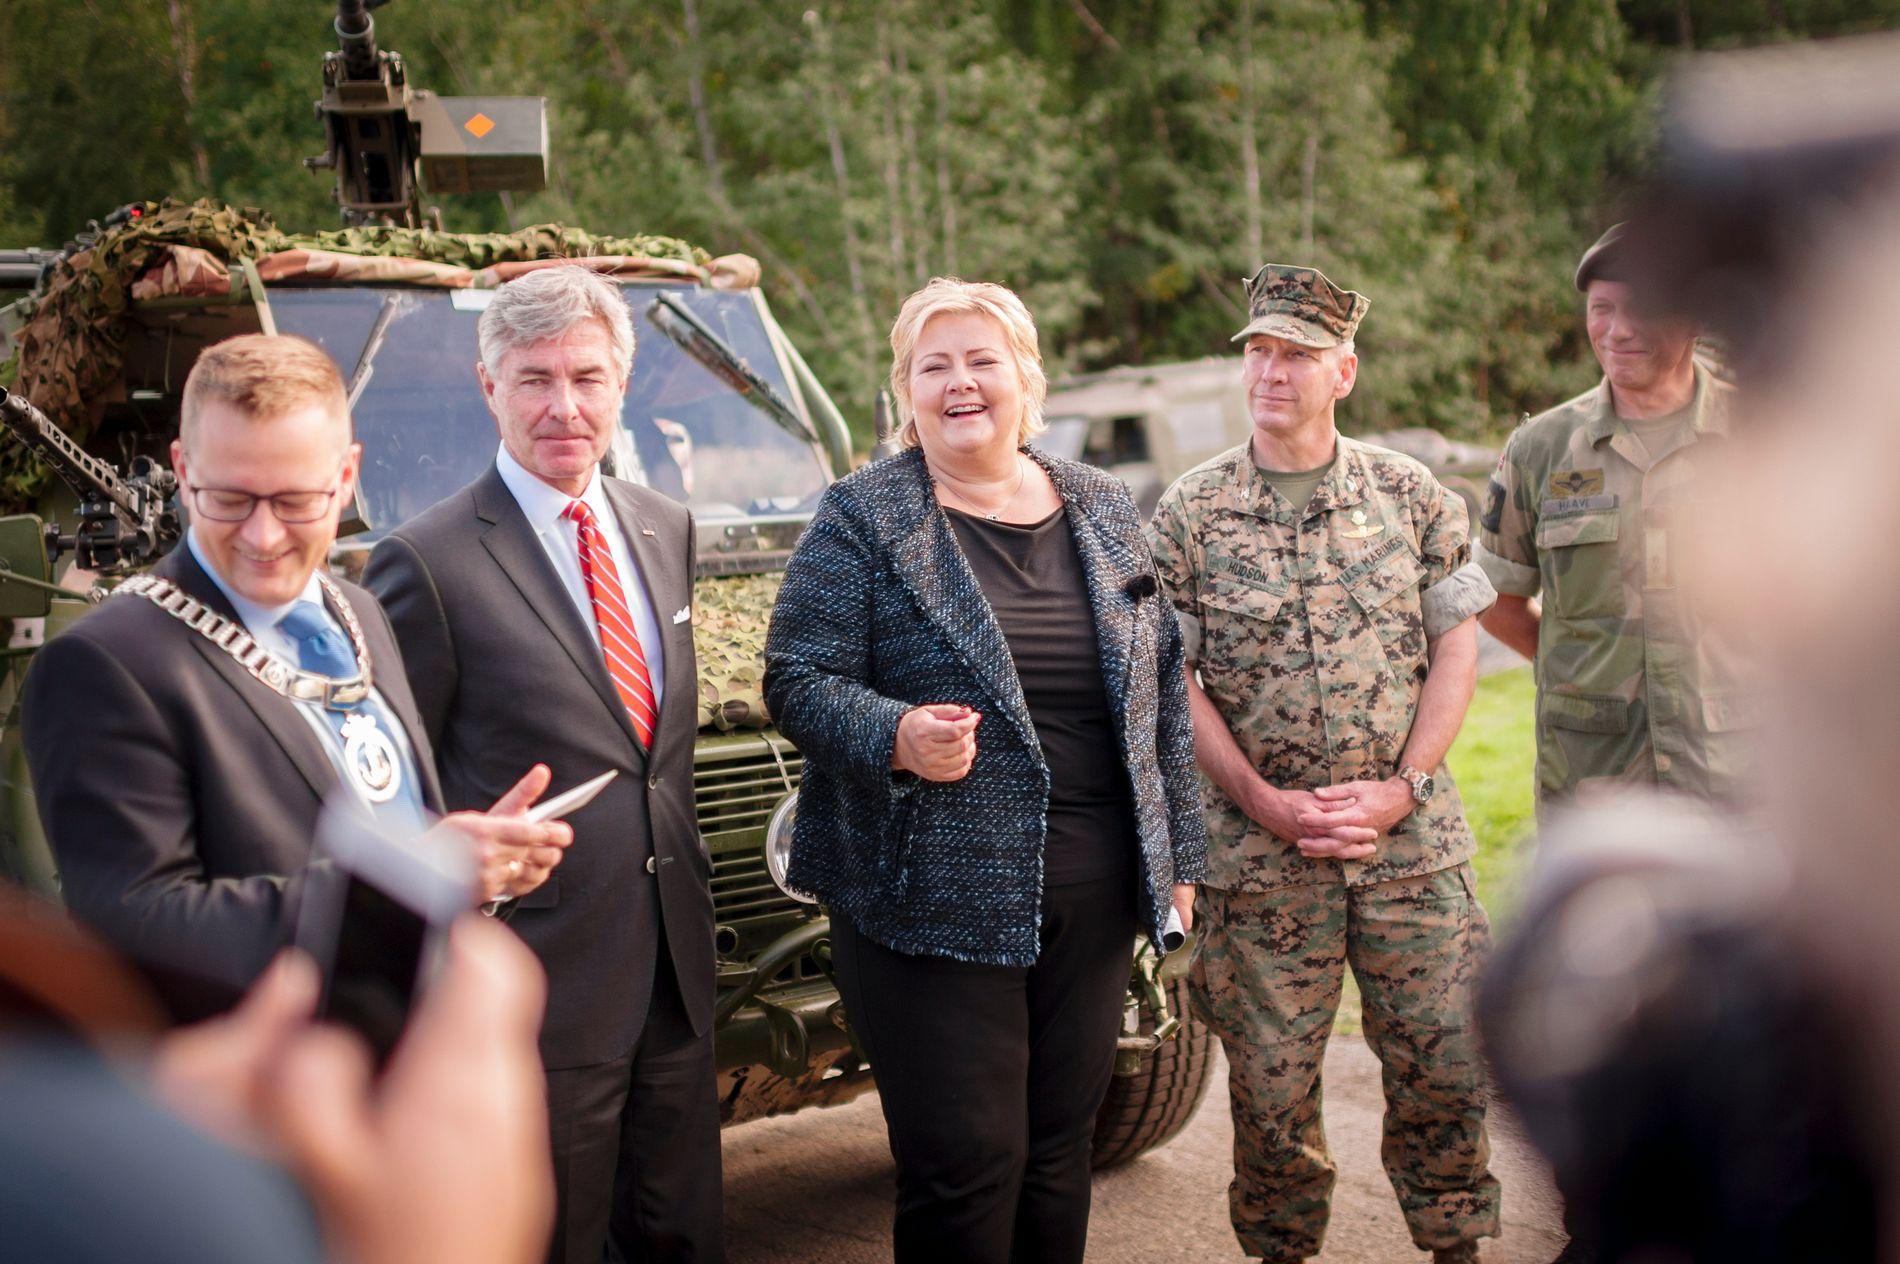 SAMARBEIDER: Statsminister Erna Solberg besøkte i dag Værnes Garnison. Sammen med henne er Stjørdals ordfører Ivar Vigdenes (Sp), som samarbeider med Høyre i kommunen.